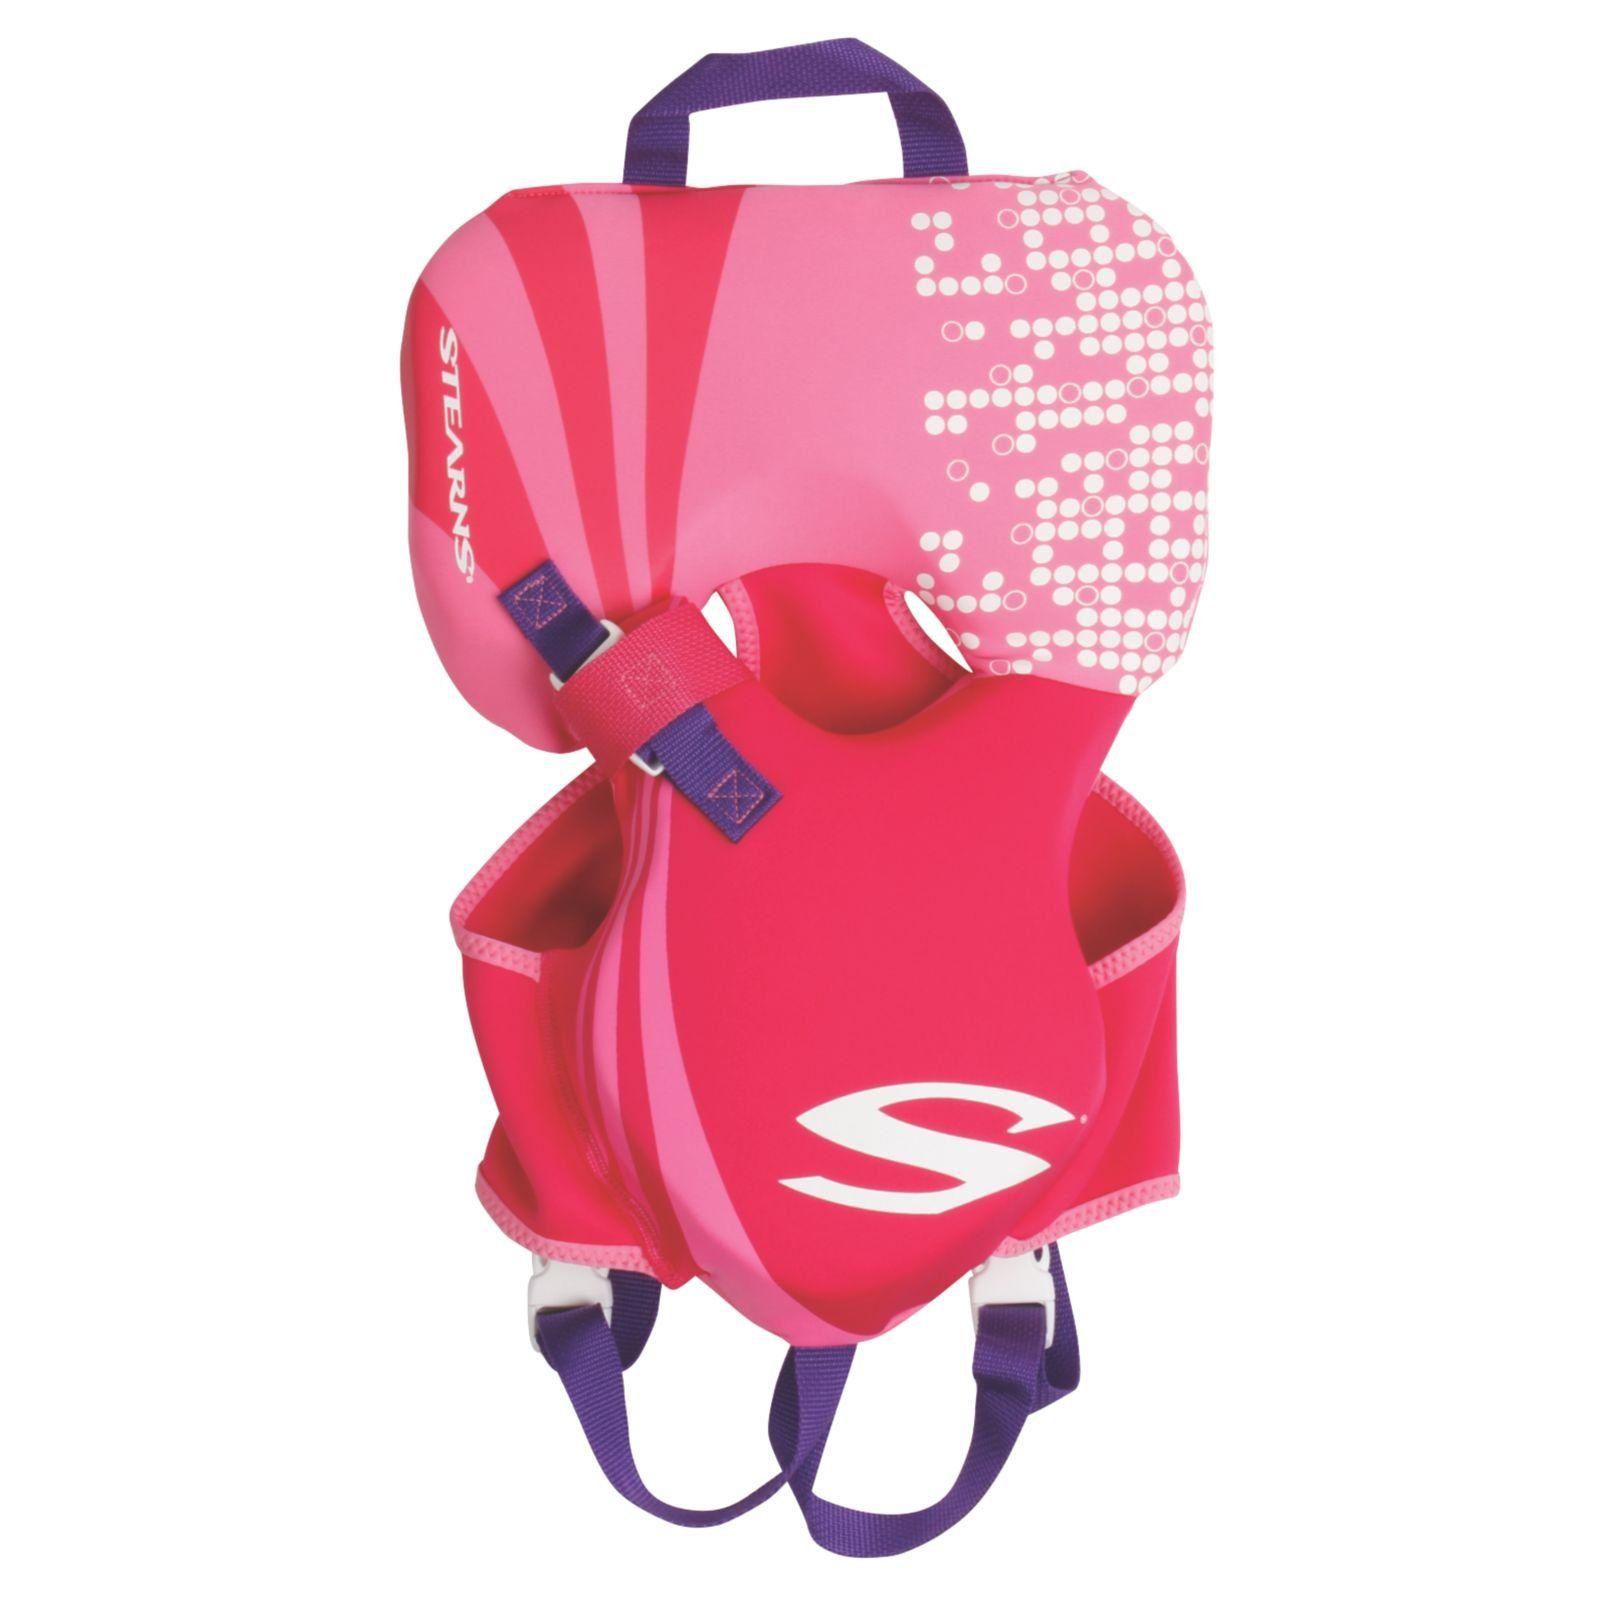 Stearns Puddle Jumper Infant Hydroprene Life Jacket Pink